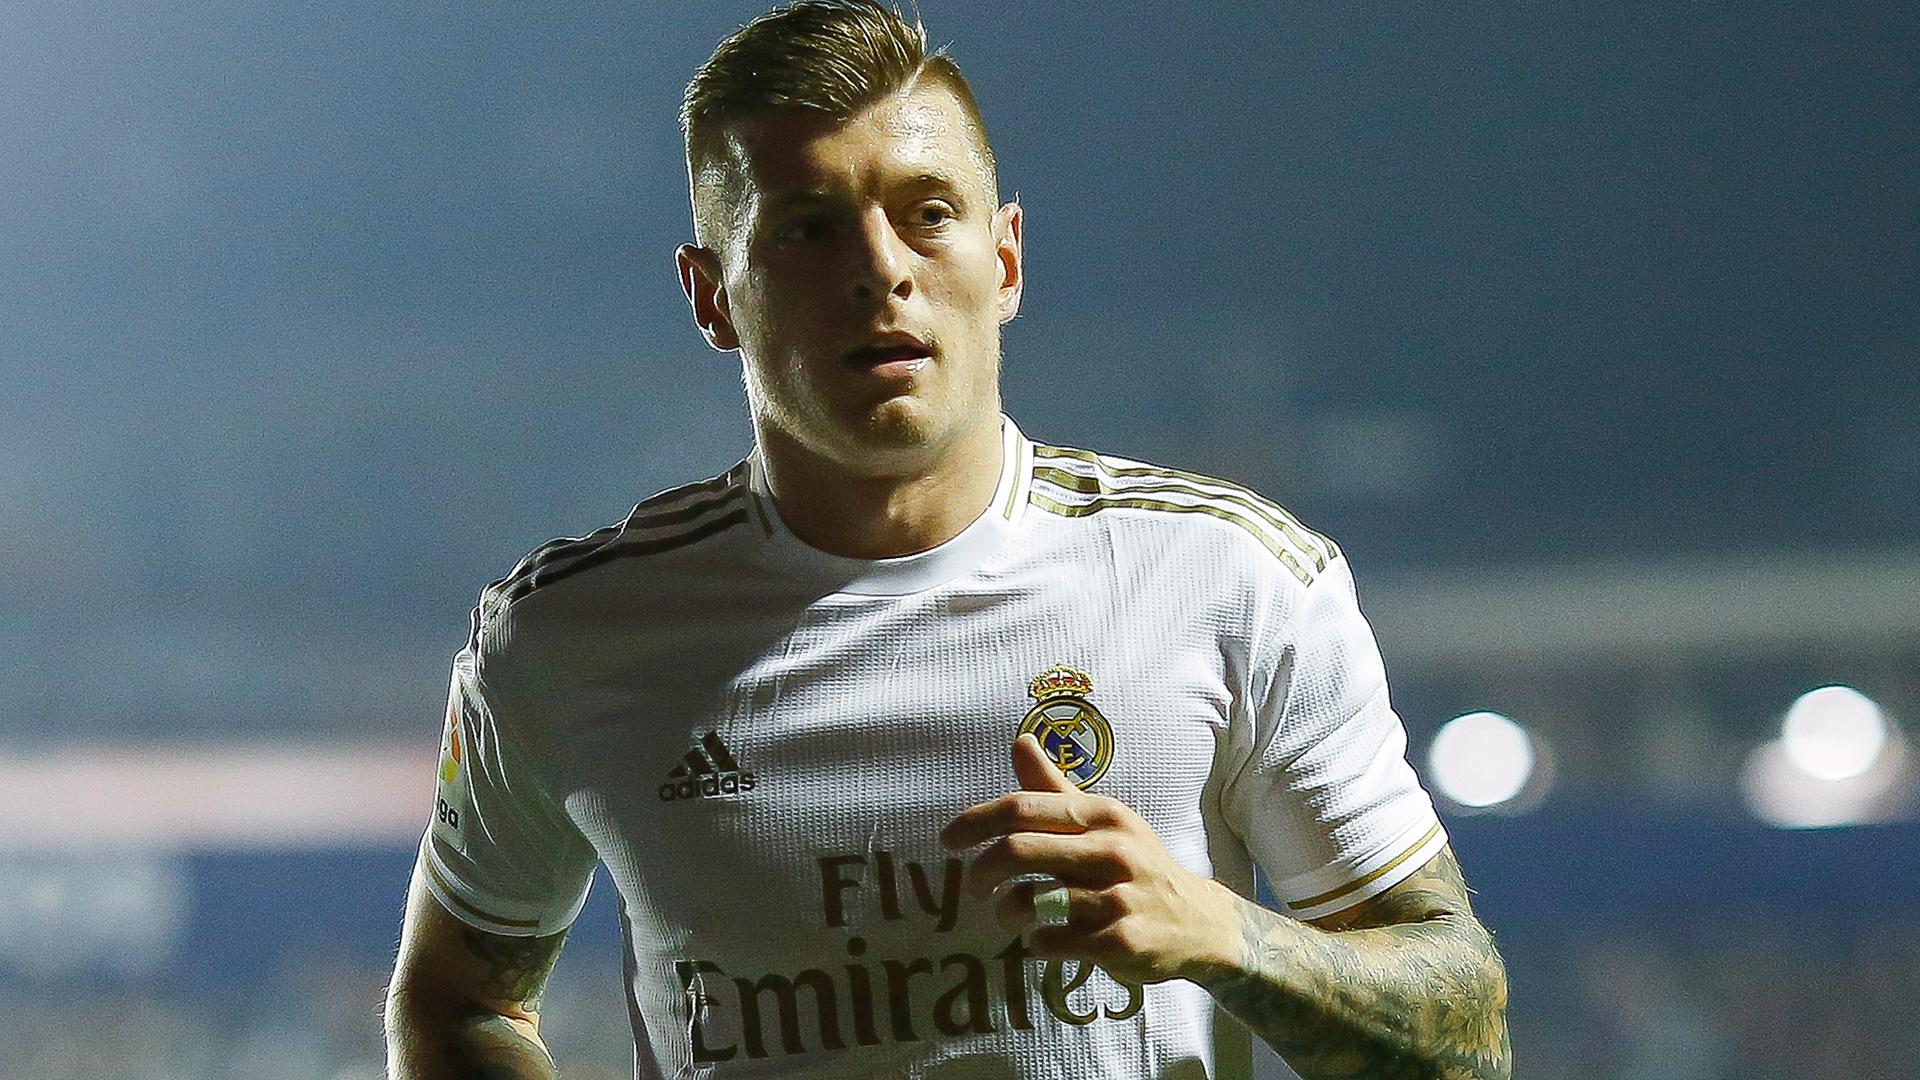 Real Madrid - Toni Kroos s'explique après la baisse des salaires